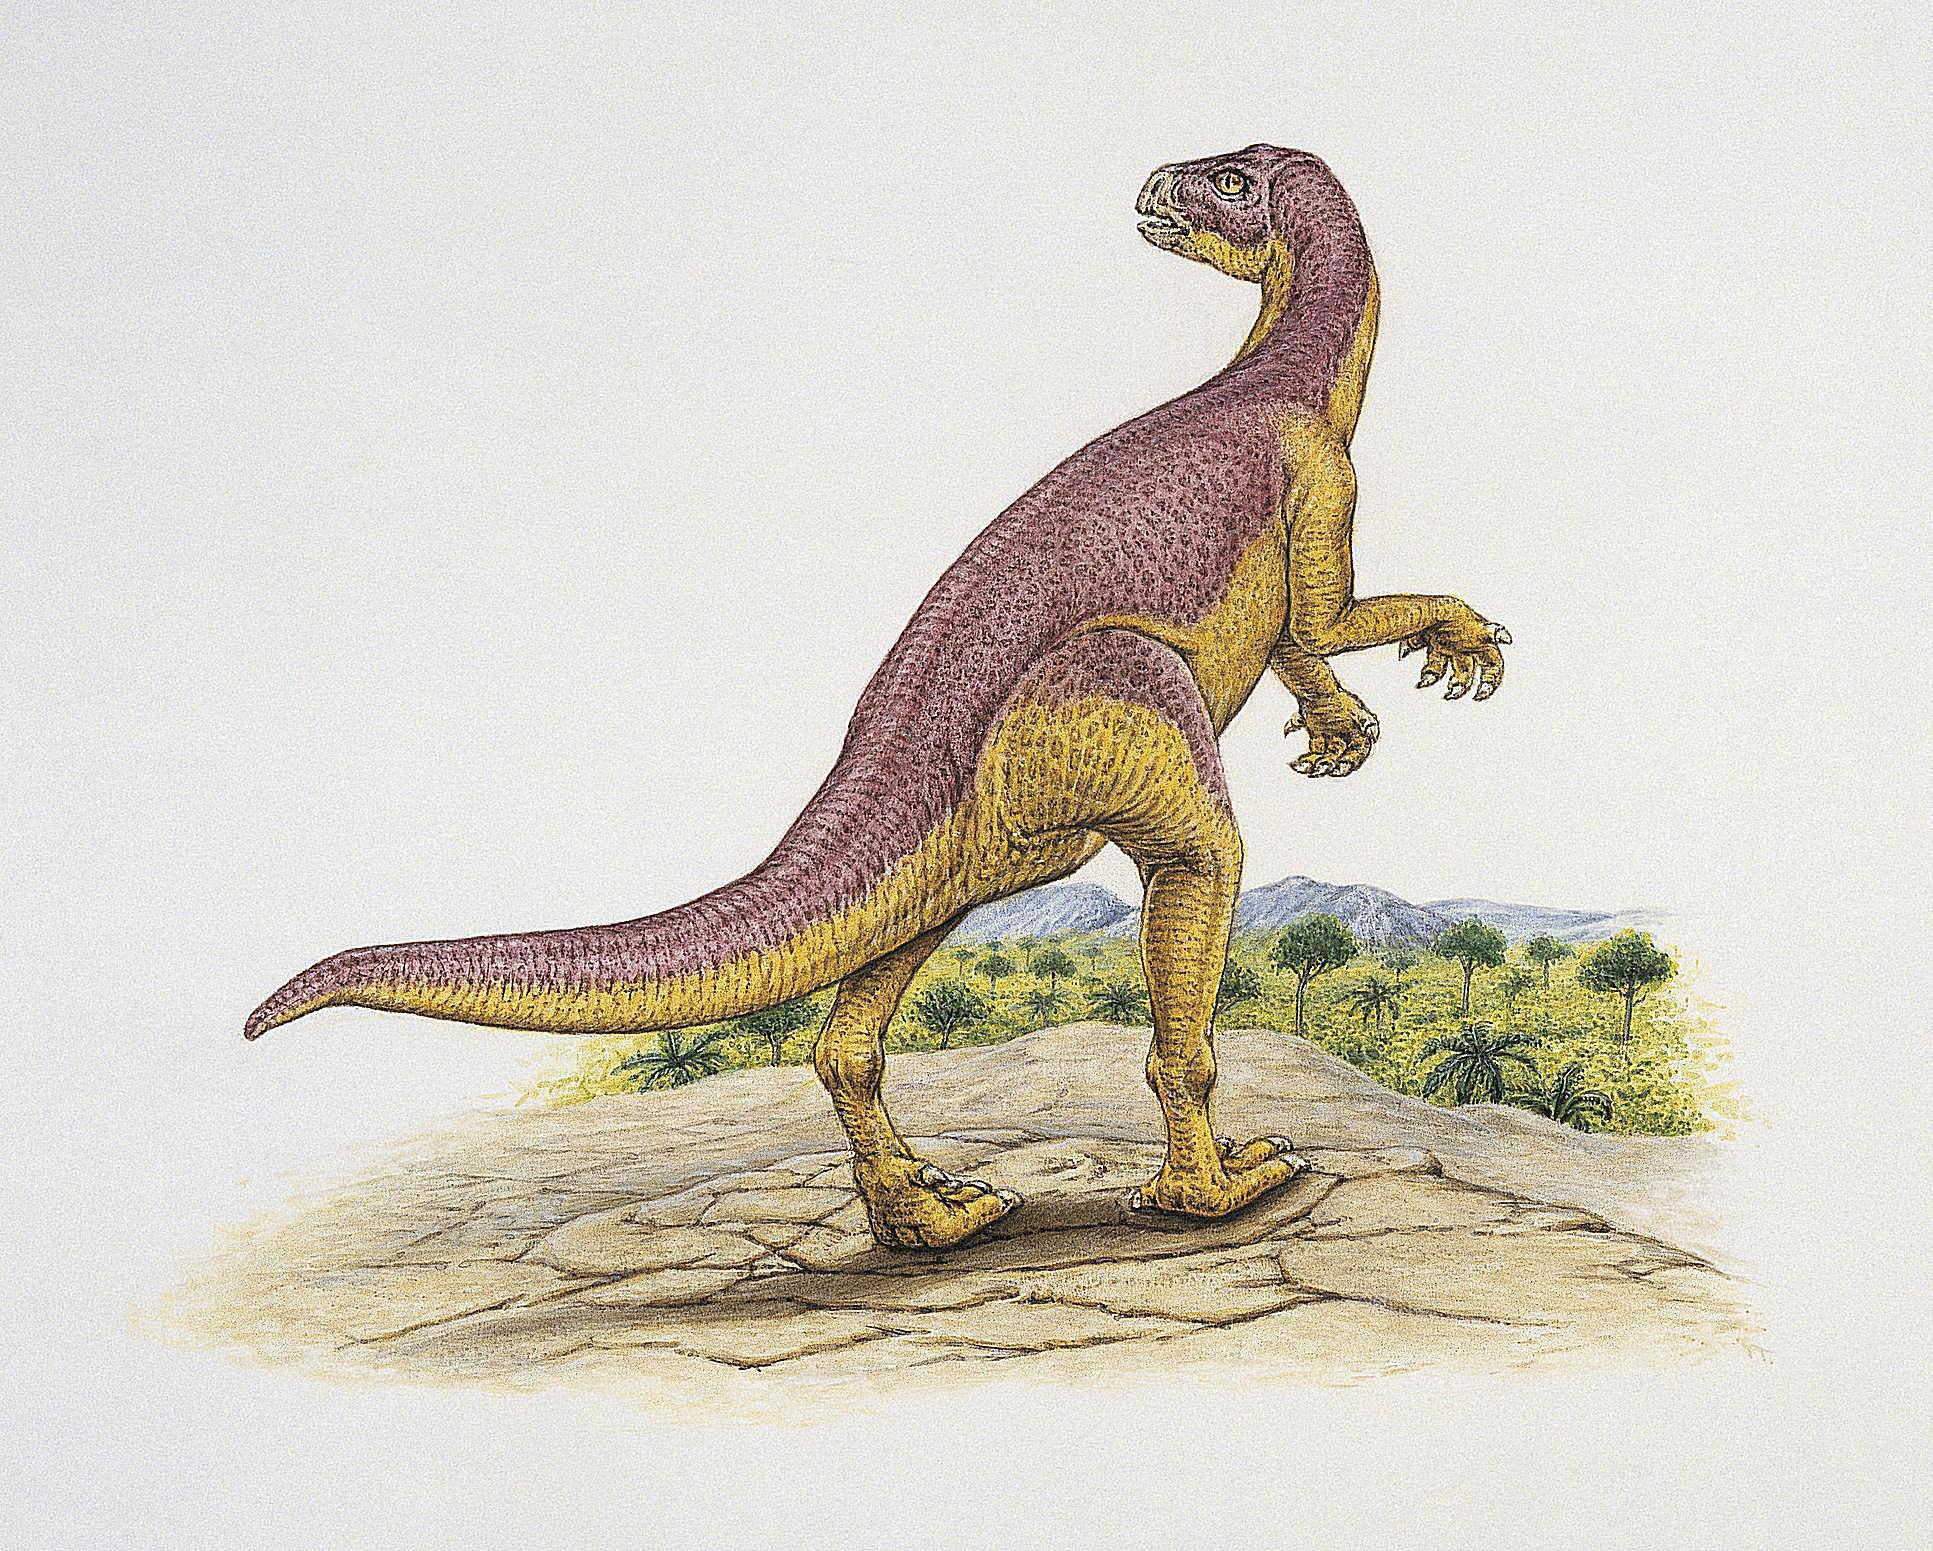 Prečo Carbon-14 nie je používaný pre datovania dinosaurie kosti